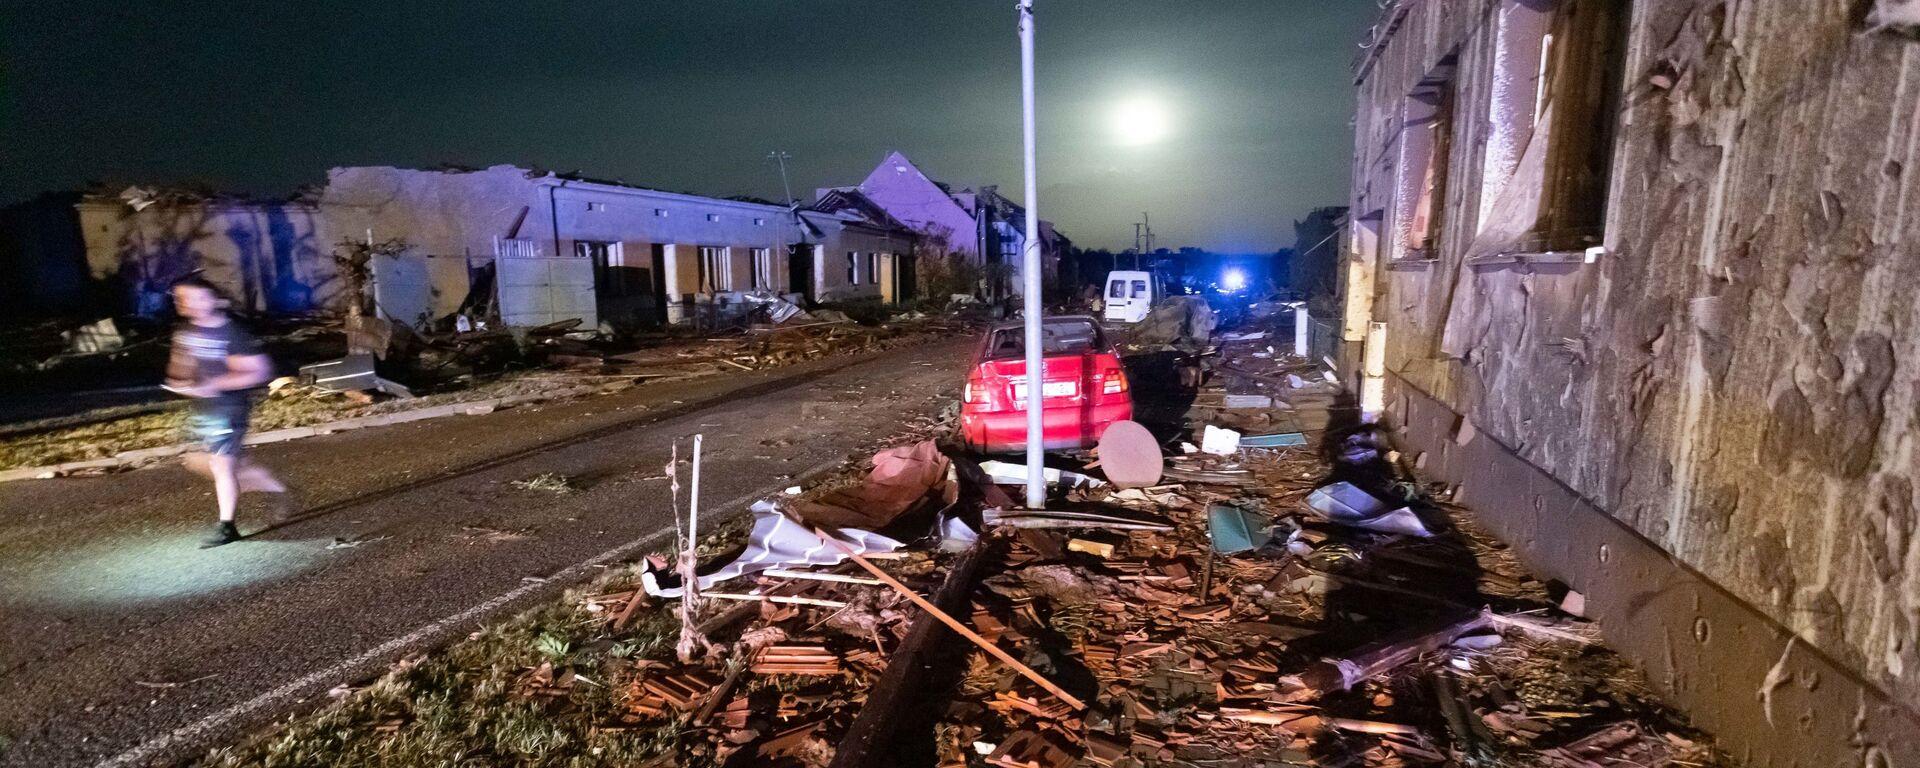 Поврежденные в результате торнадо здания в деревне Хруски, Южная Моравия, Чехия - Sputnik Česká republika, 1920, 25.06.2021